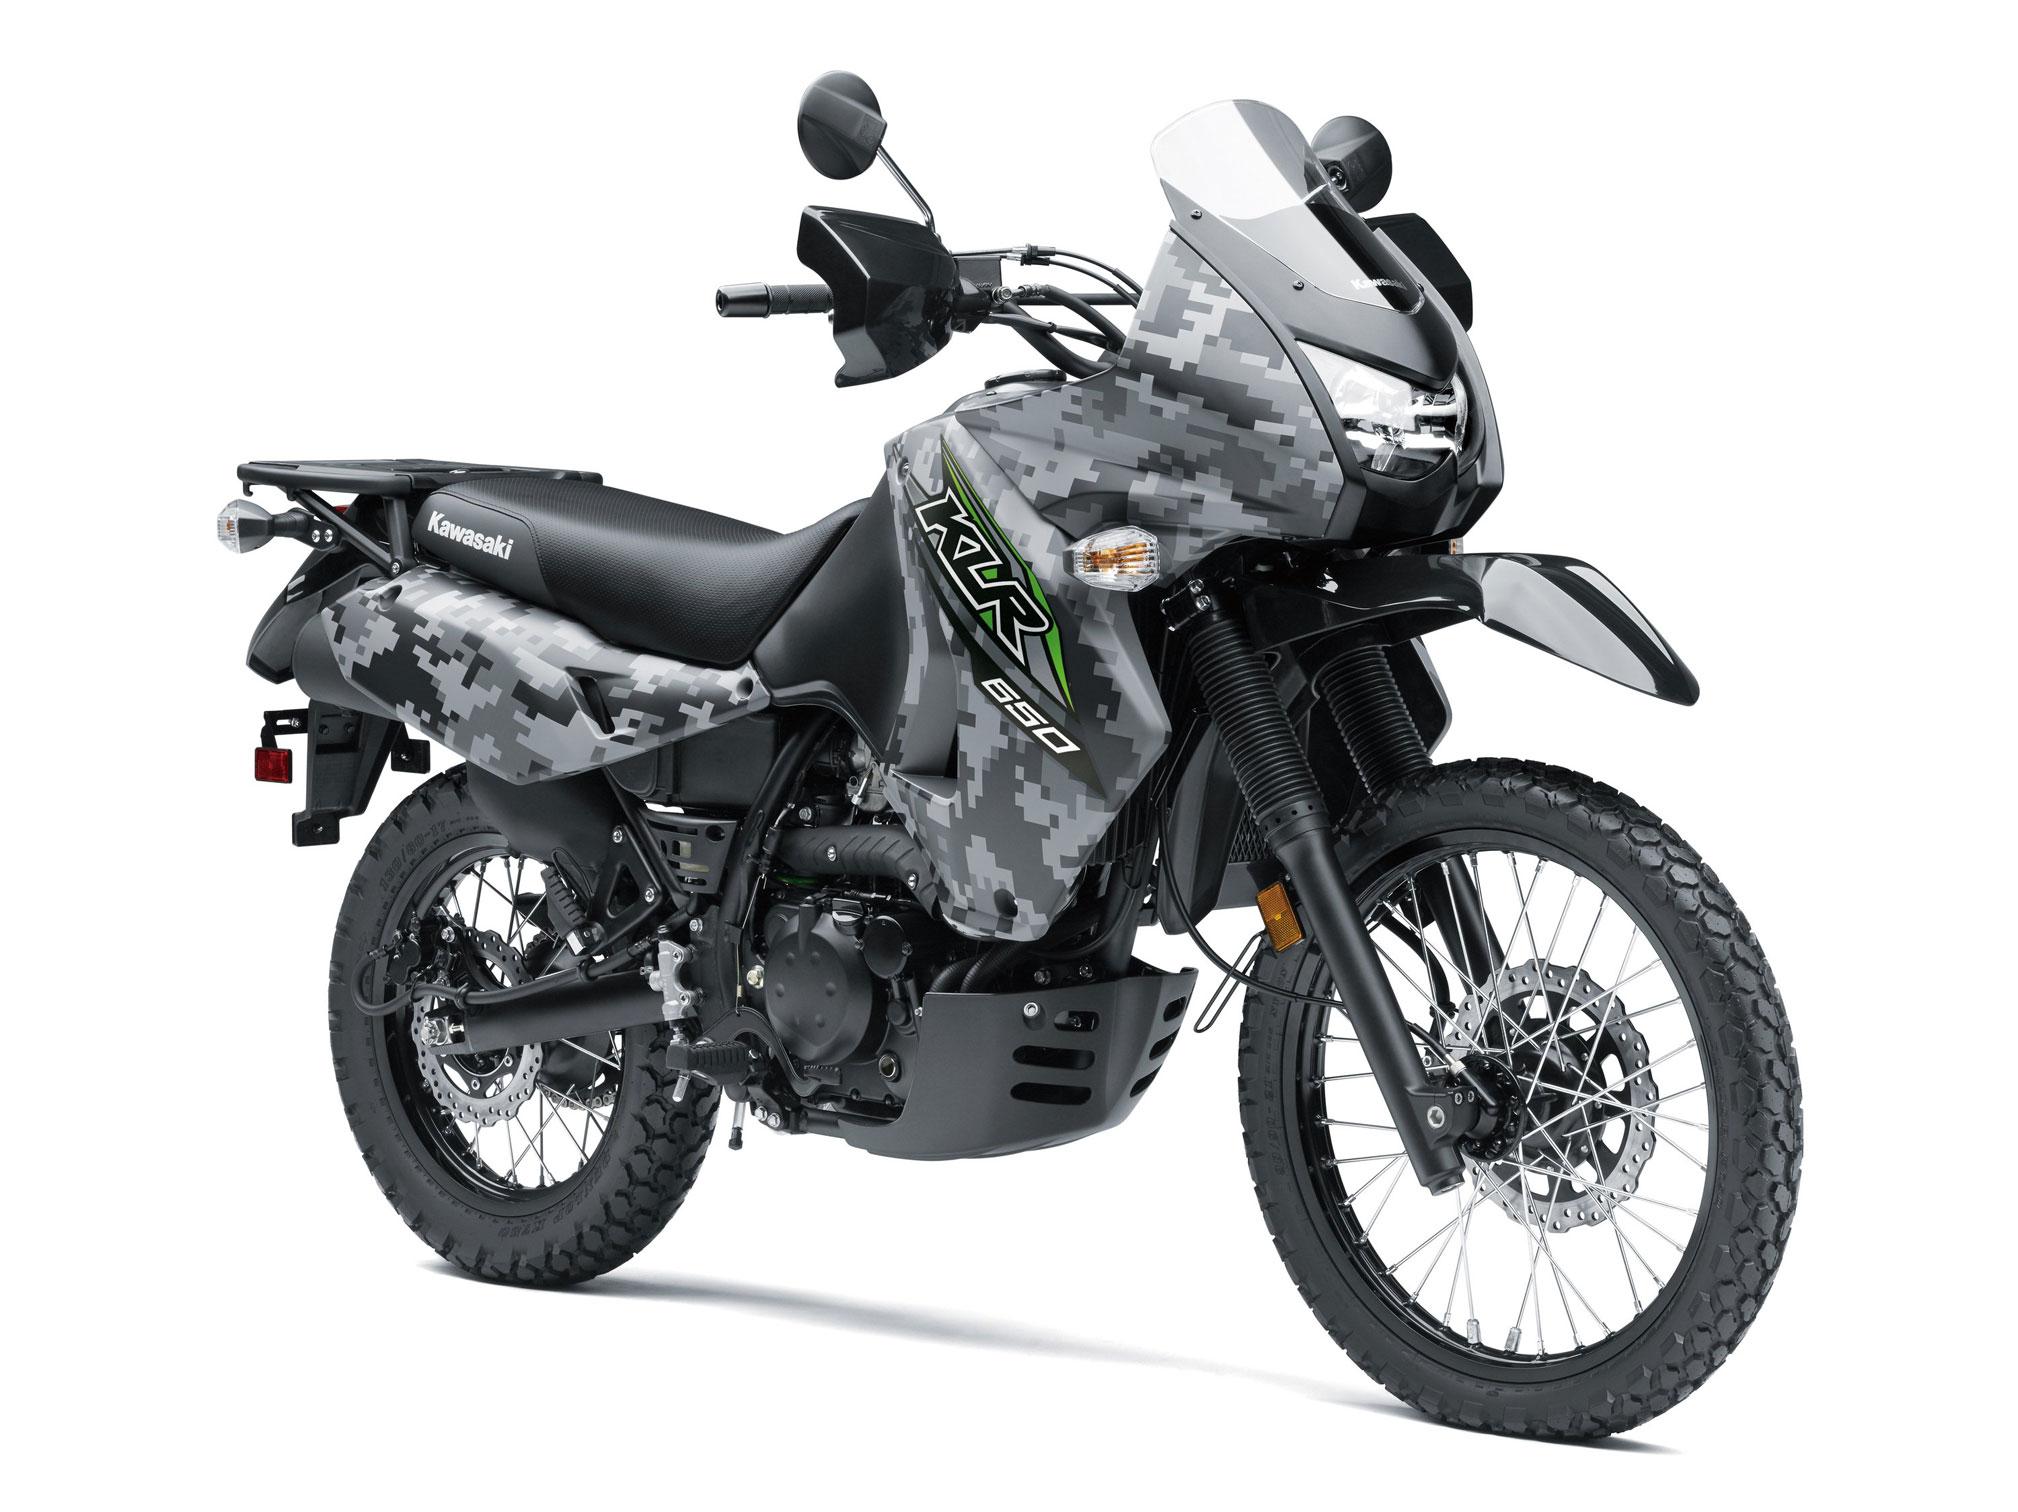 2018 Kawasaki KLR650 Camo Edition